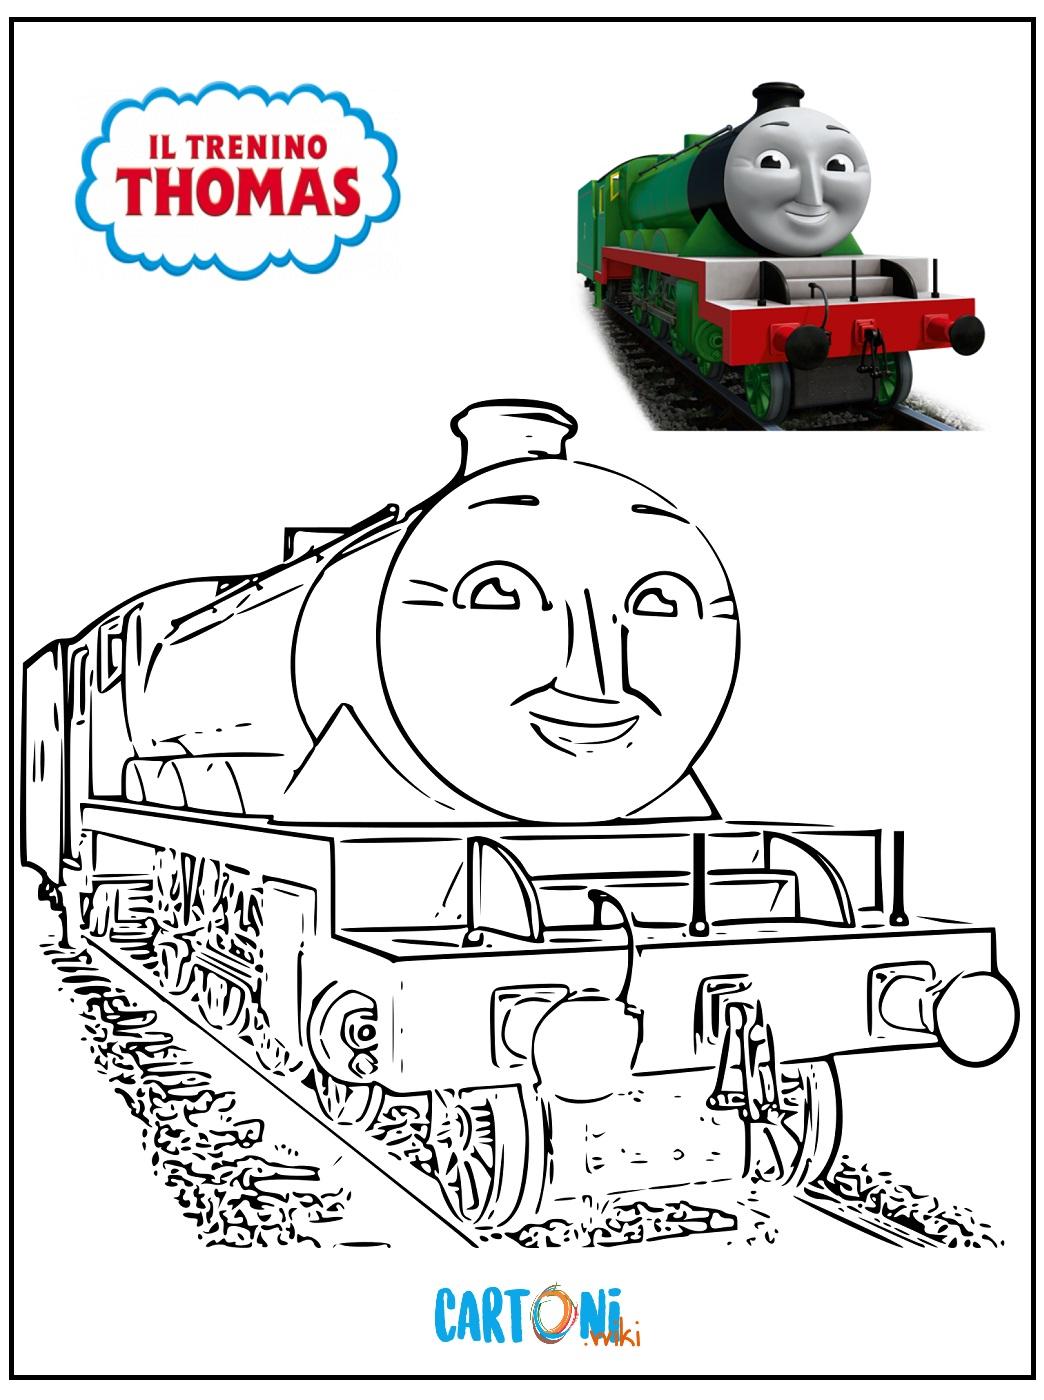 Disegni Da Colorare Il Trenino Thomas Cartoni Animati